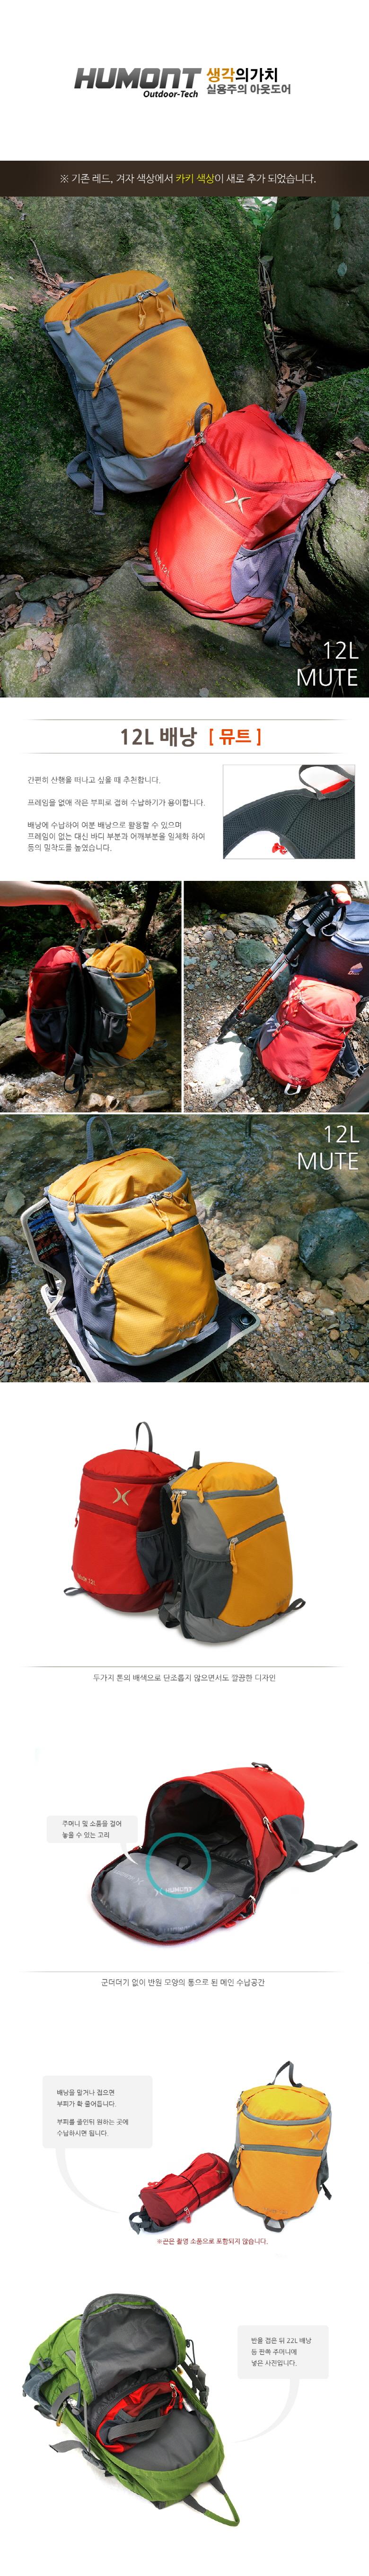 [휴몬트] 뮤트 배낭 12L/등산가방/등산백팩/등산용품 - 아웃도어랜드몰, 36,000원, 등산용품, 등산의류/패션잡화